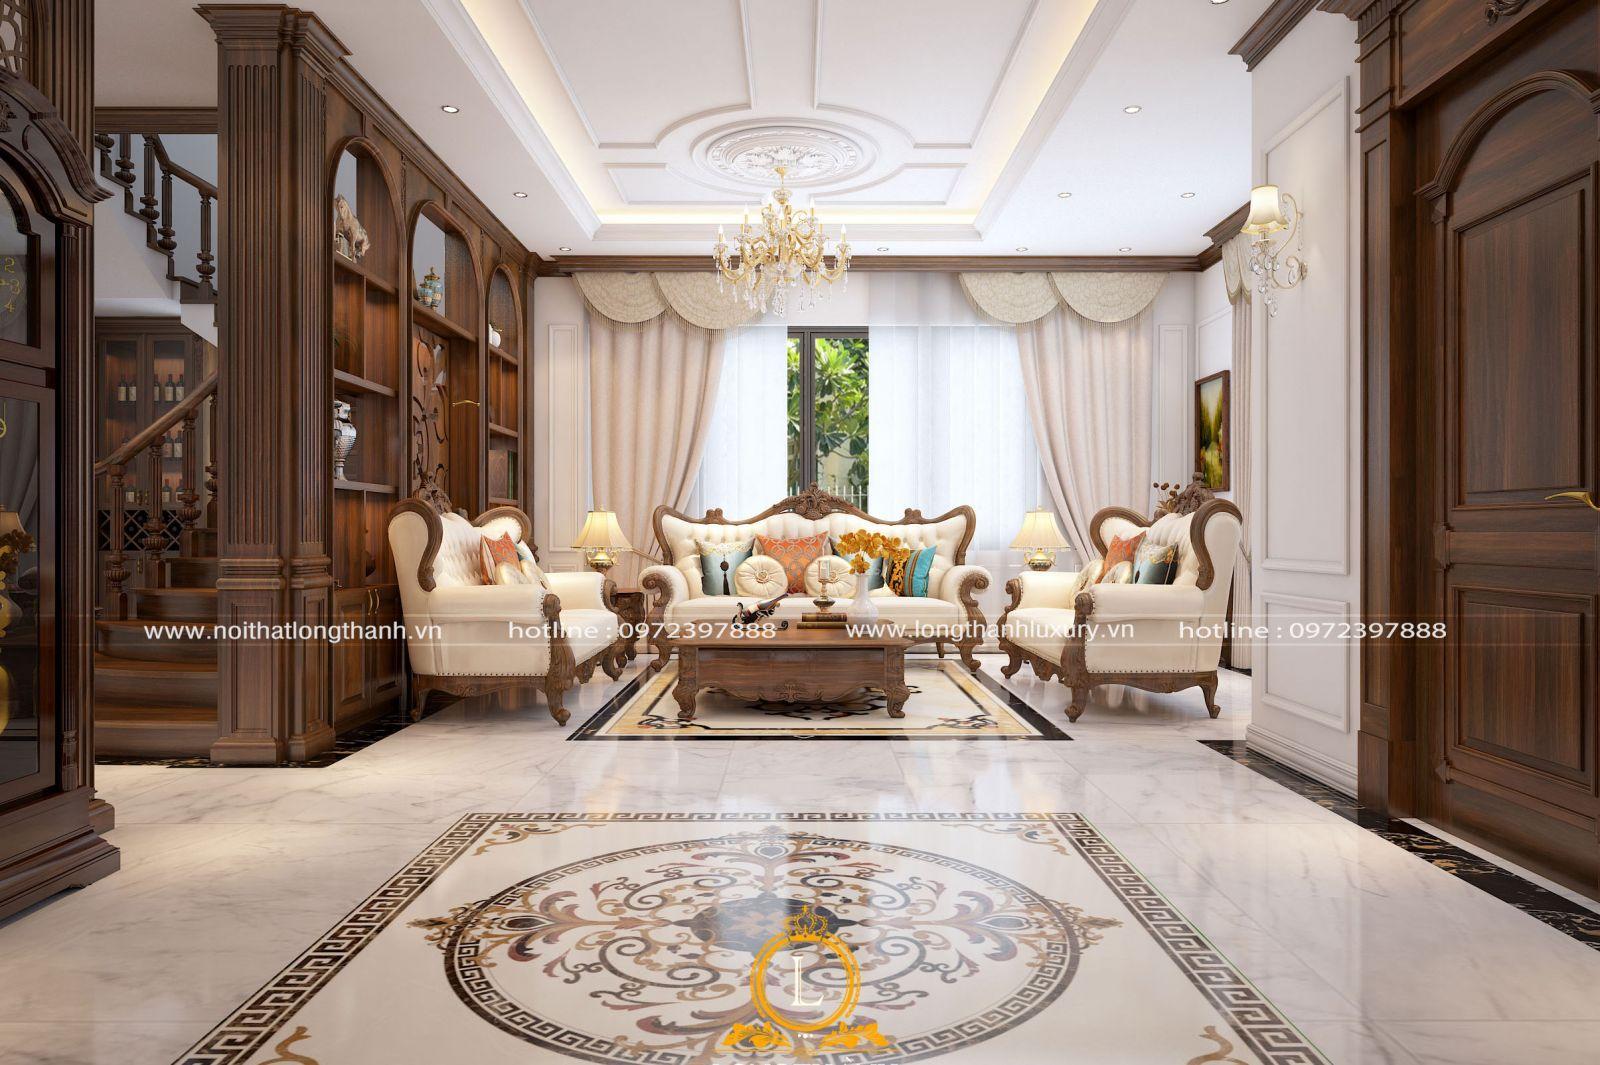 Hệ vách ngăn tinh tế cho không gian phòng khách tân cổ điển